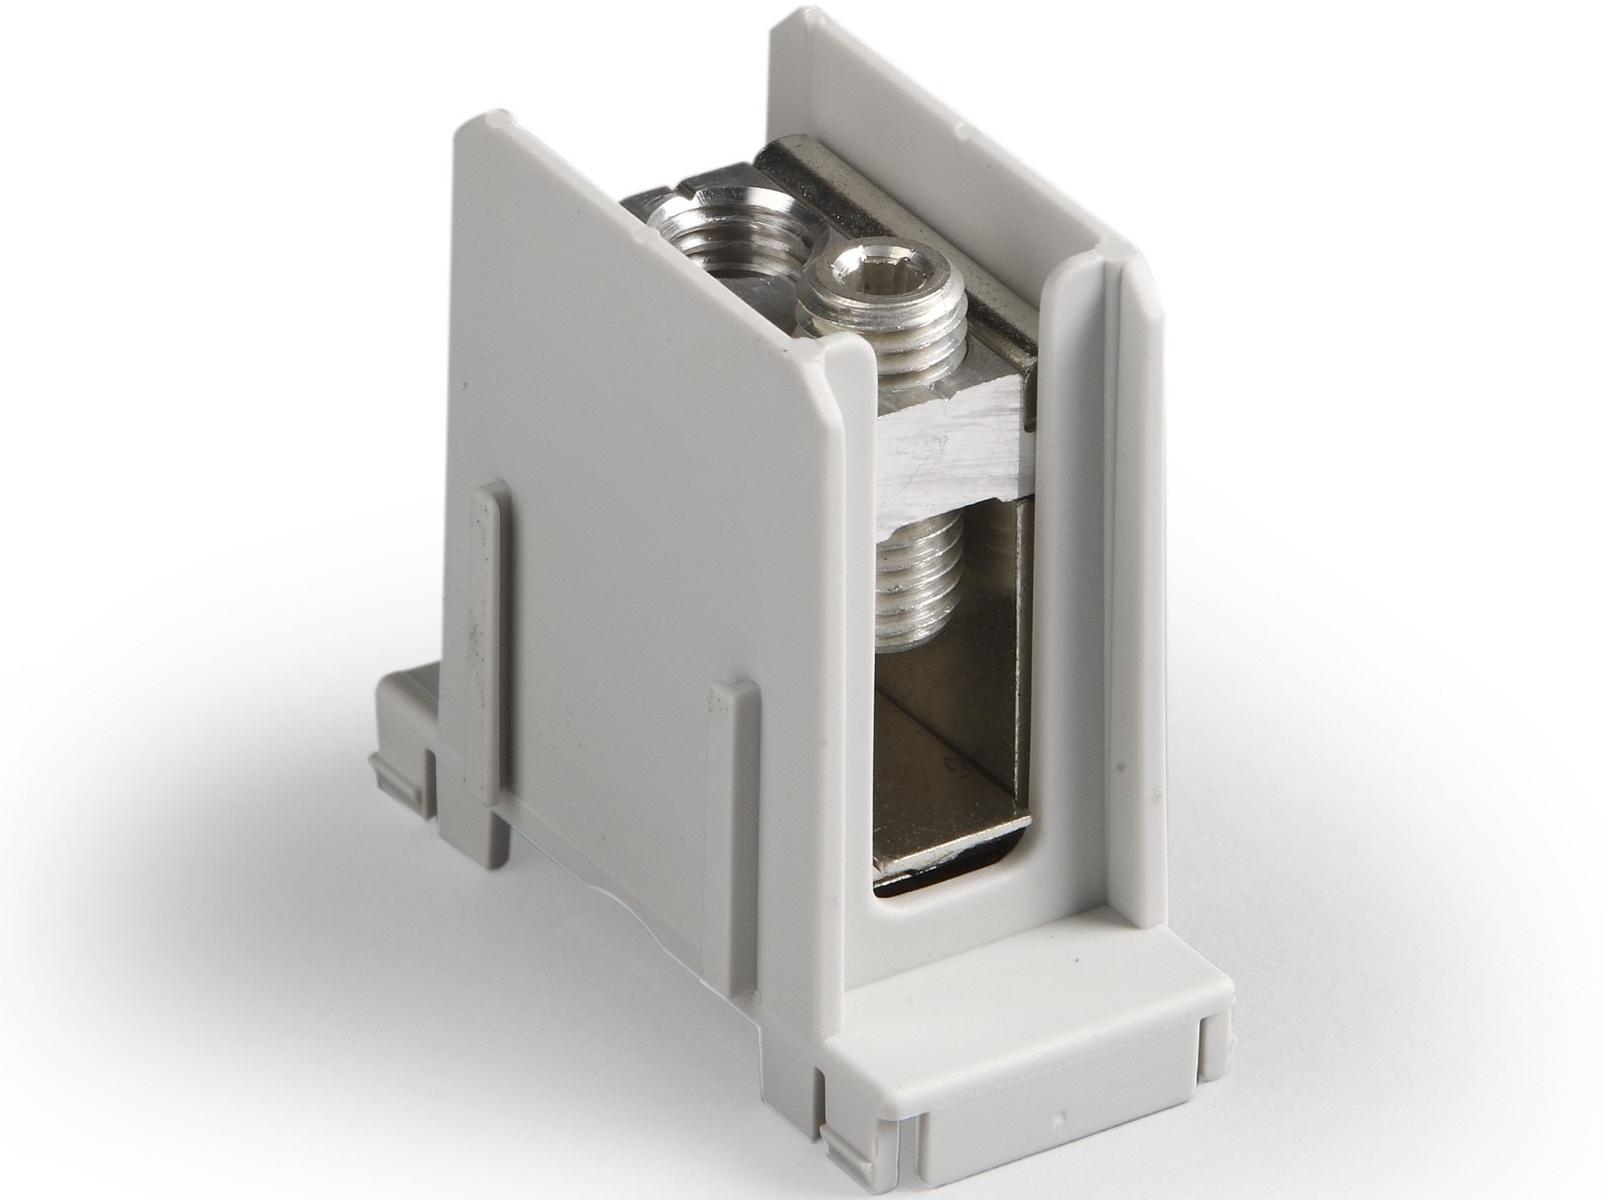 Hargnemisklemm 95 mm², hall, KE 87.1, Ensto